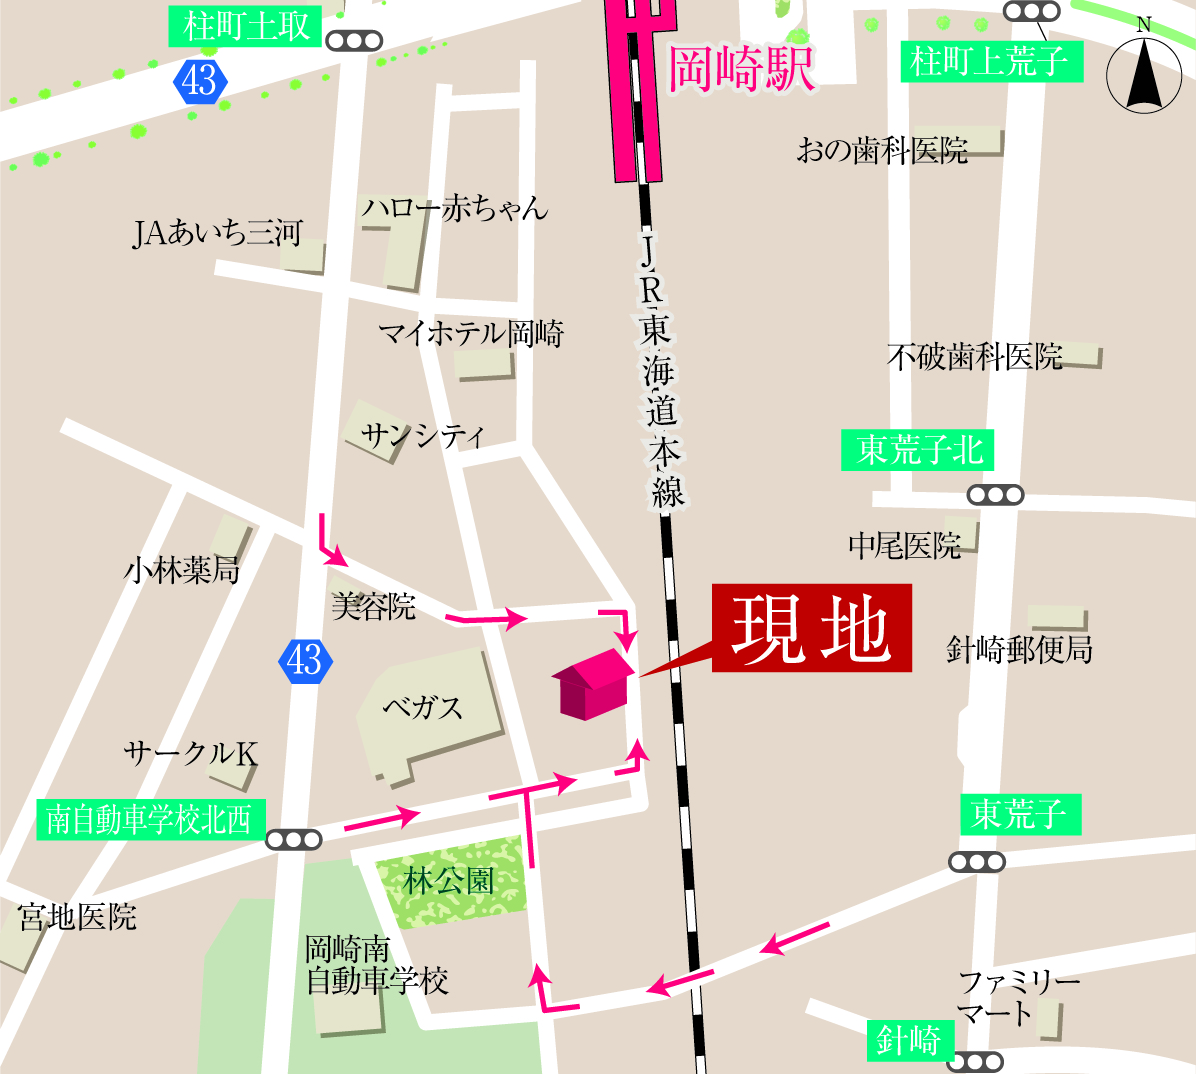 日本、〒444-0837 愛知県岡崎市柱1丁目8−16